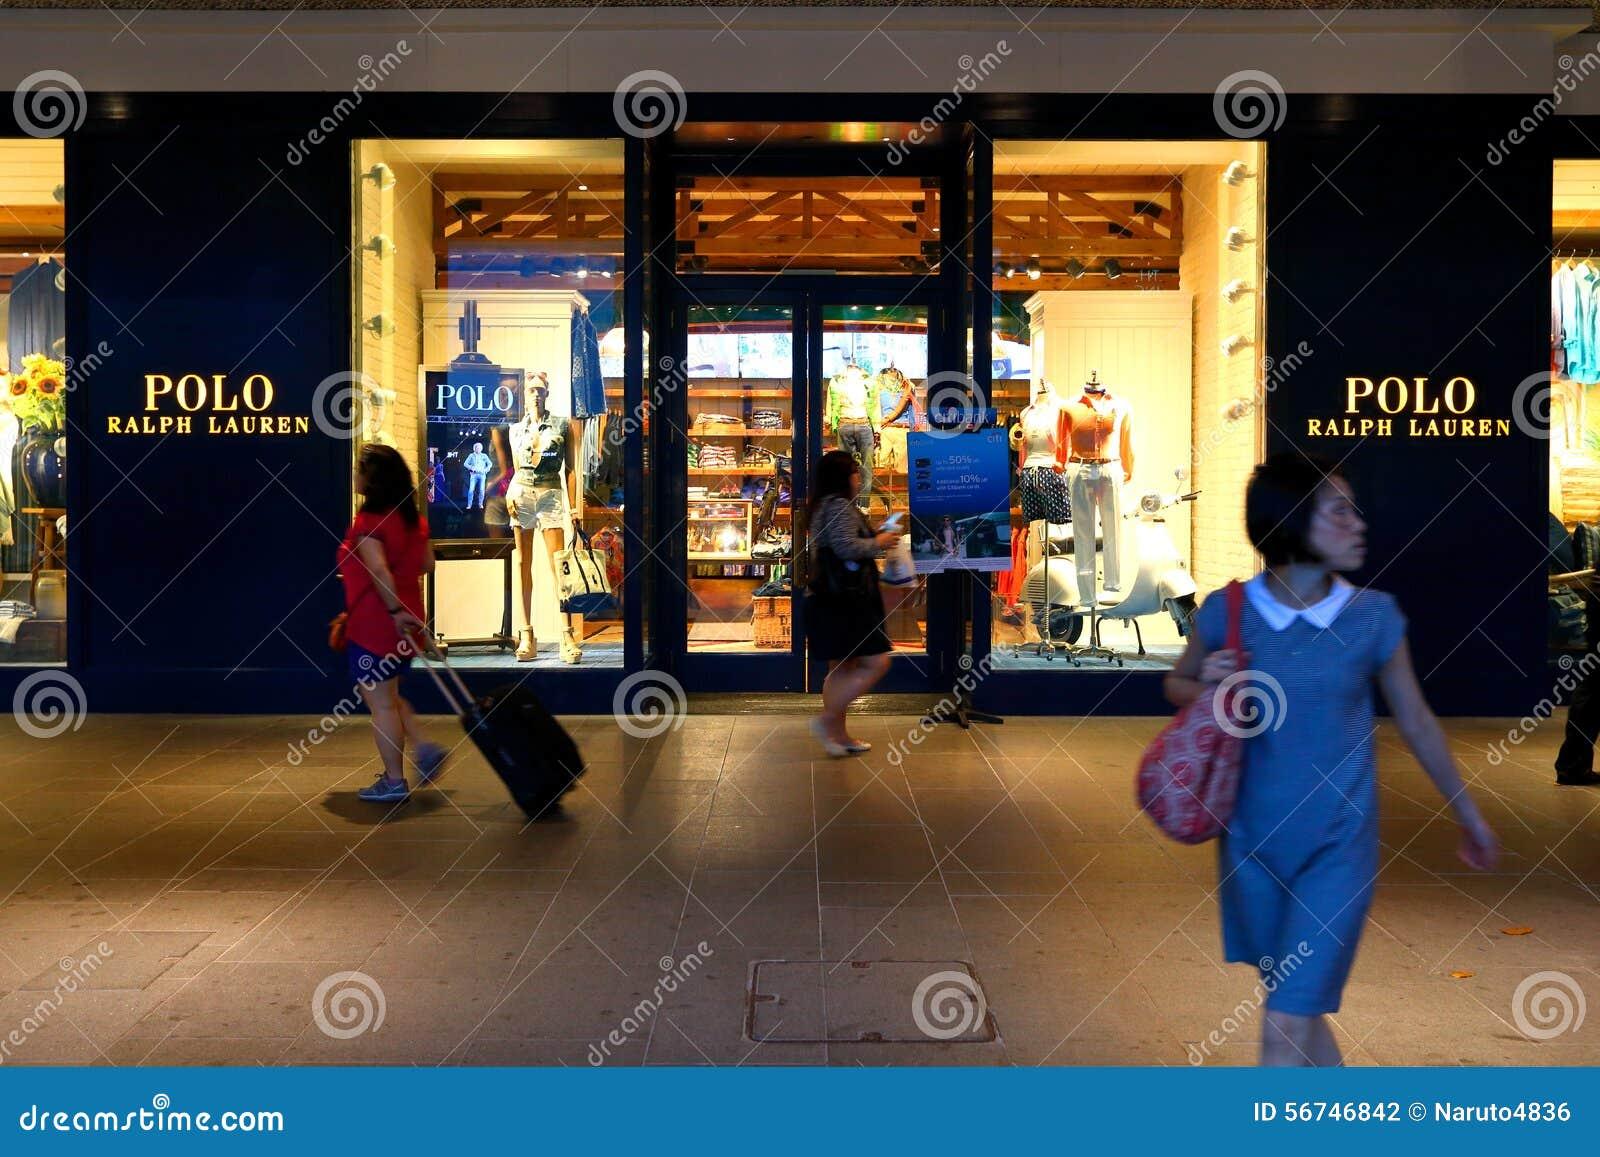 520dcb3db3b0 Сингапур: Магазин розничной торговли Поло Ральф Лорен Редакционное ...